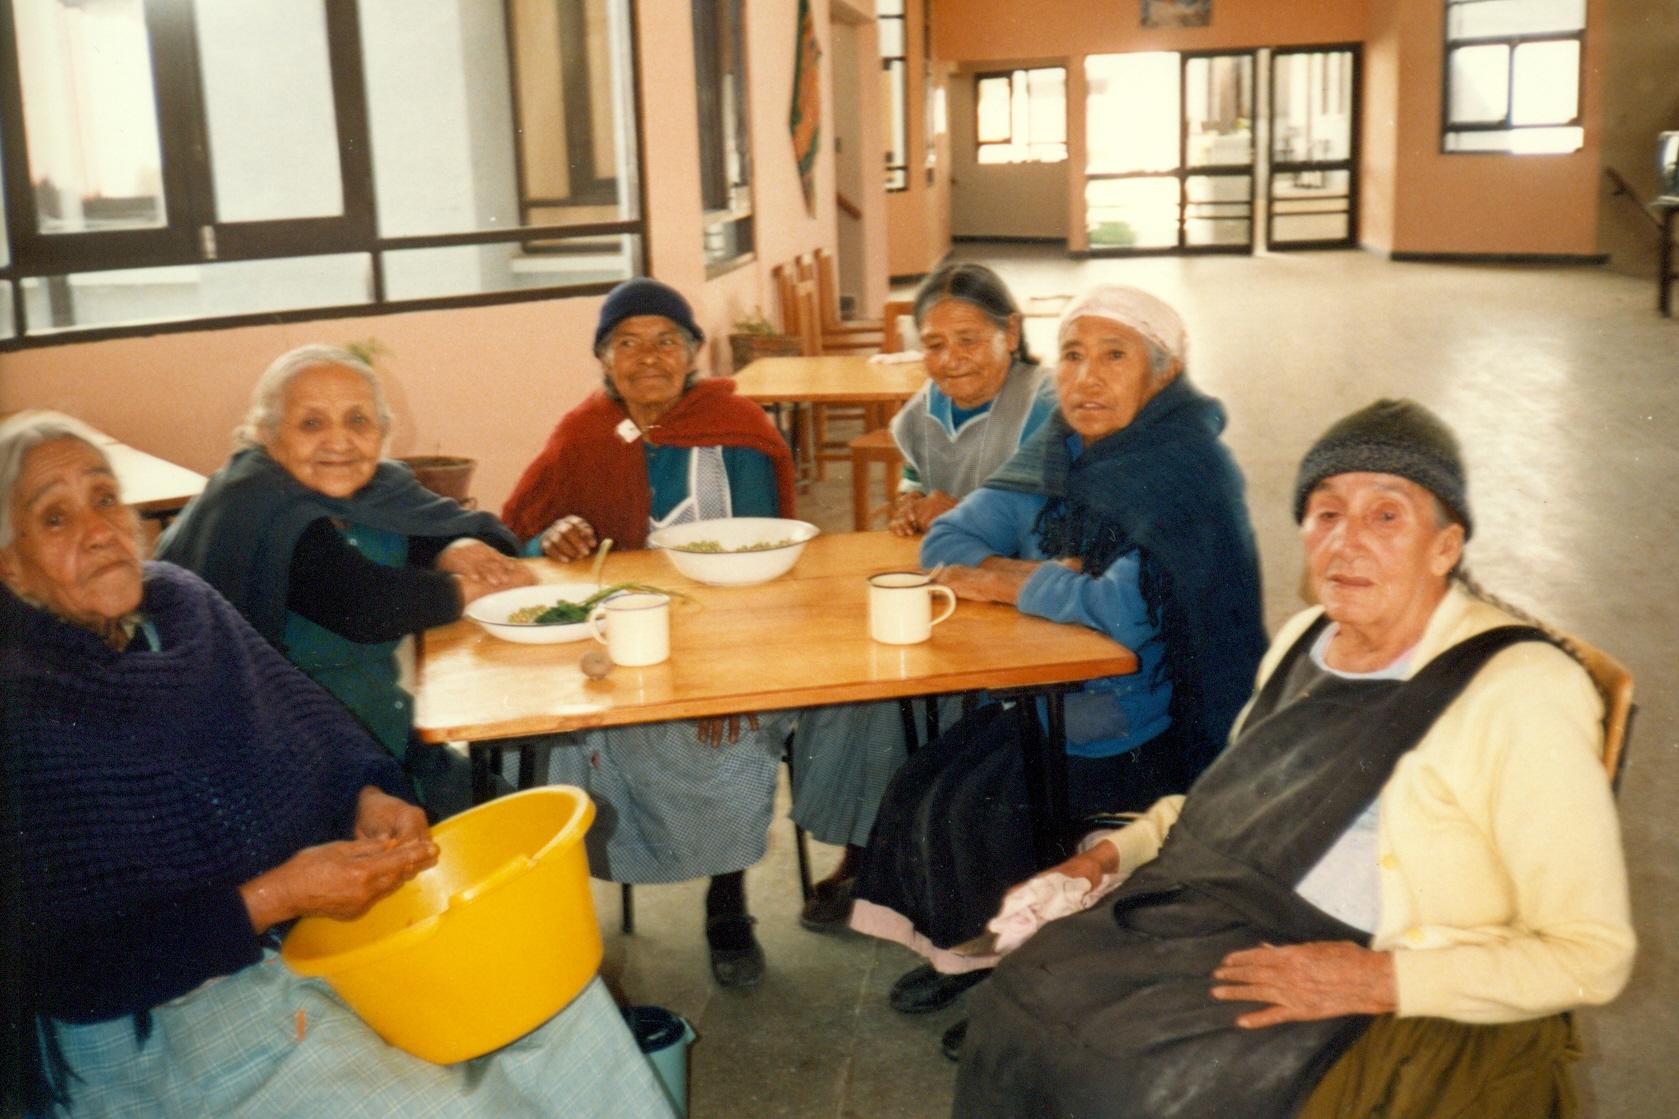 6_Bolivie Personnes âgées à table